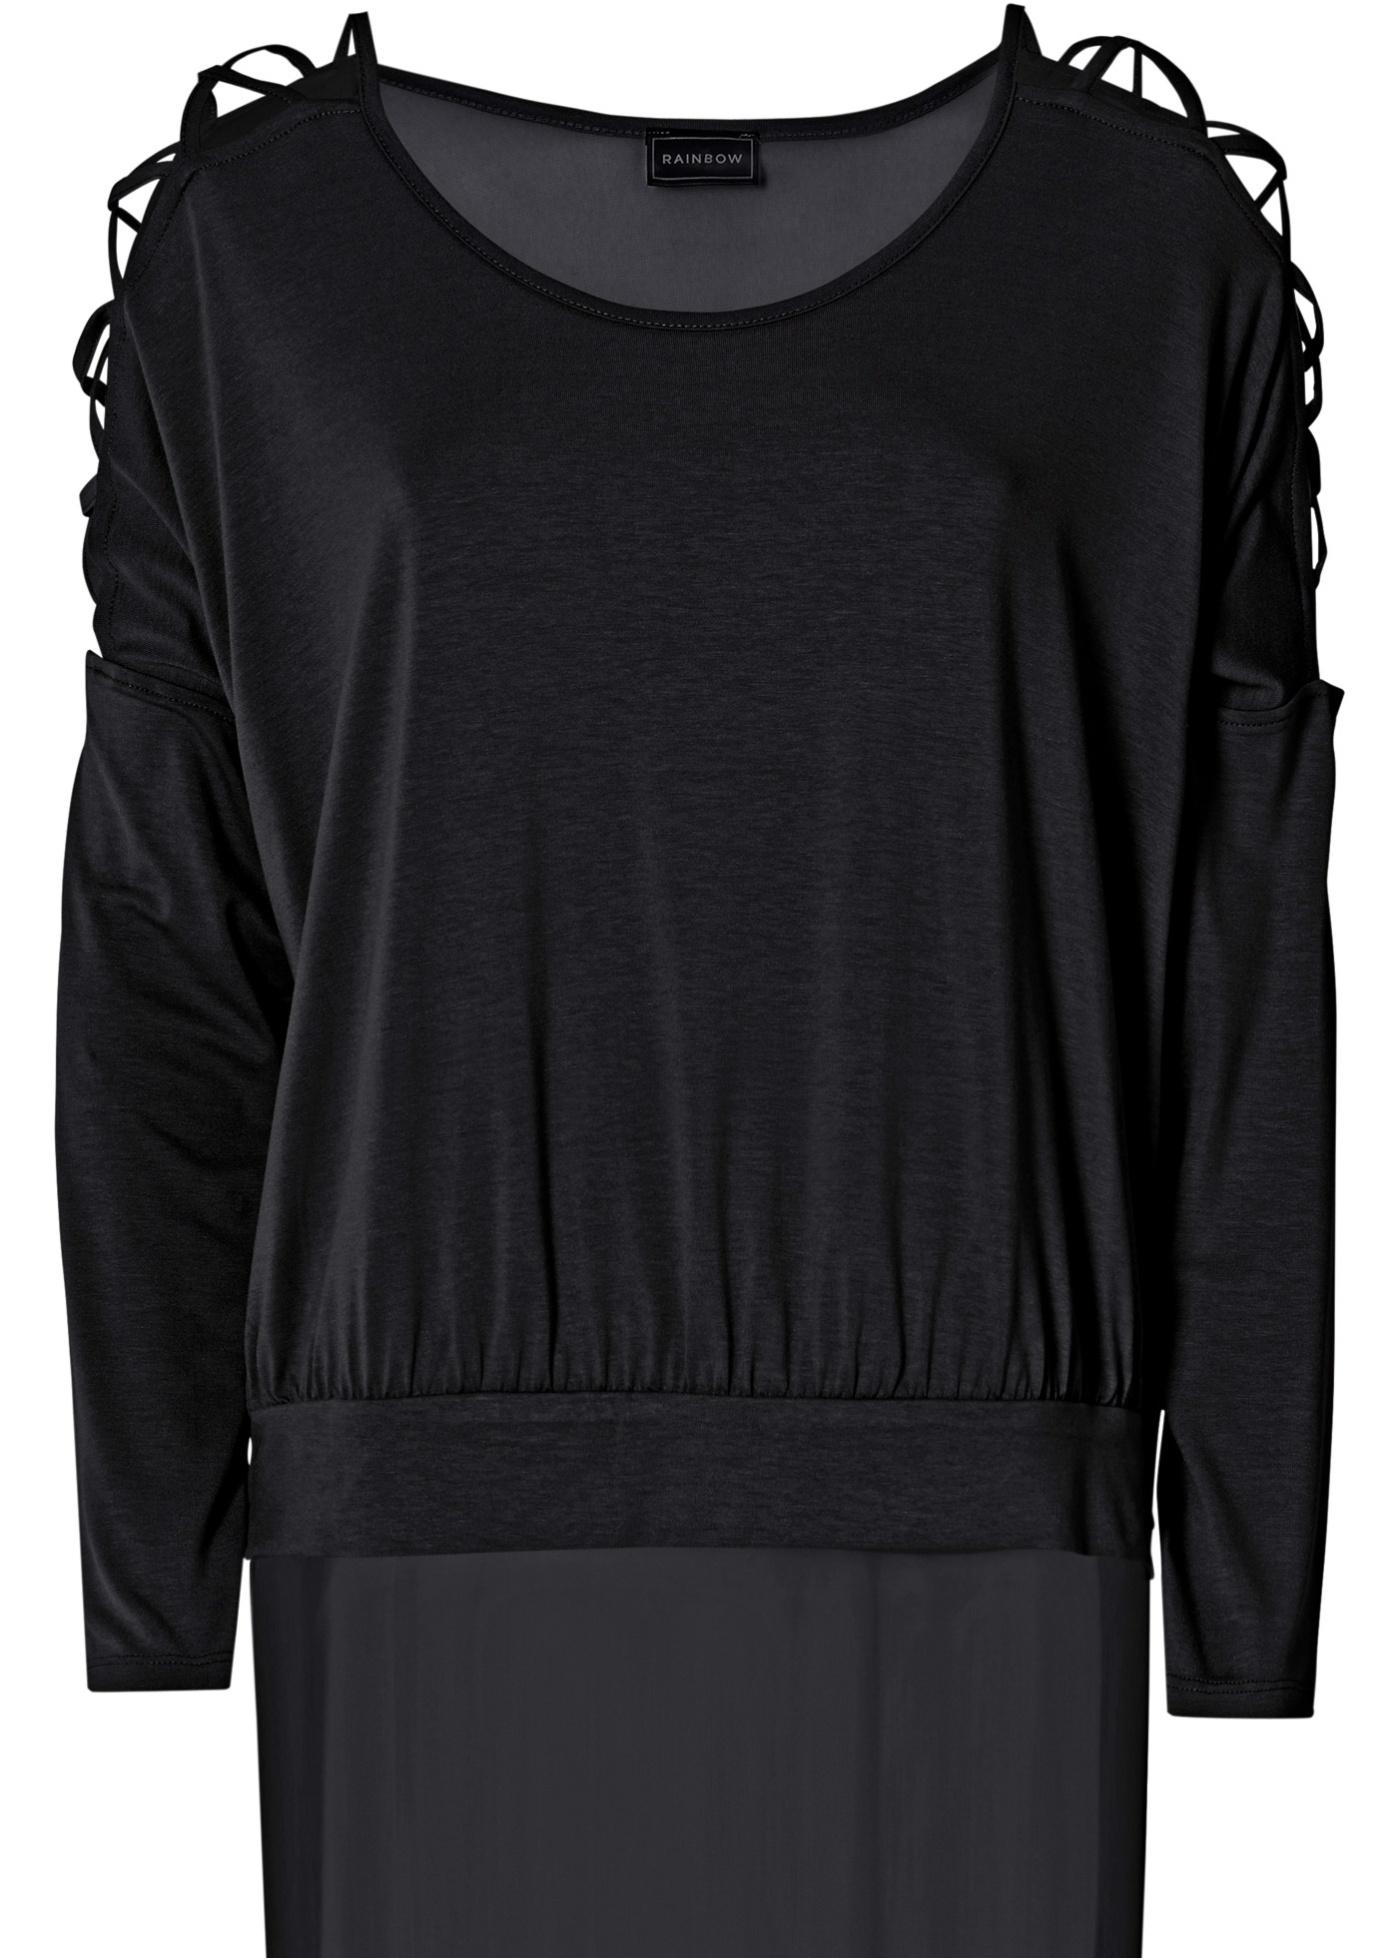 Blusa de malha com recortes preta manga longa com decote redondo